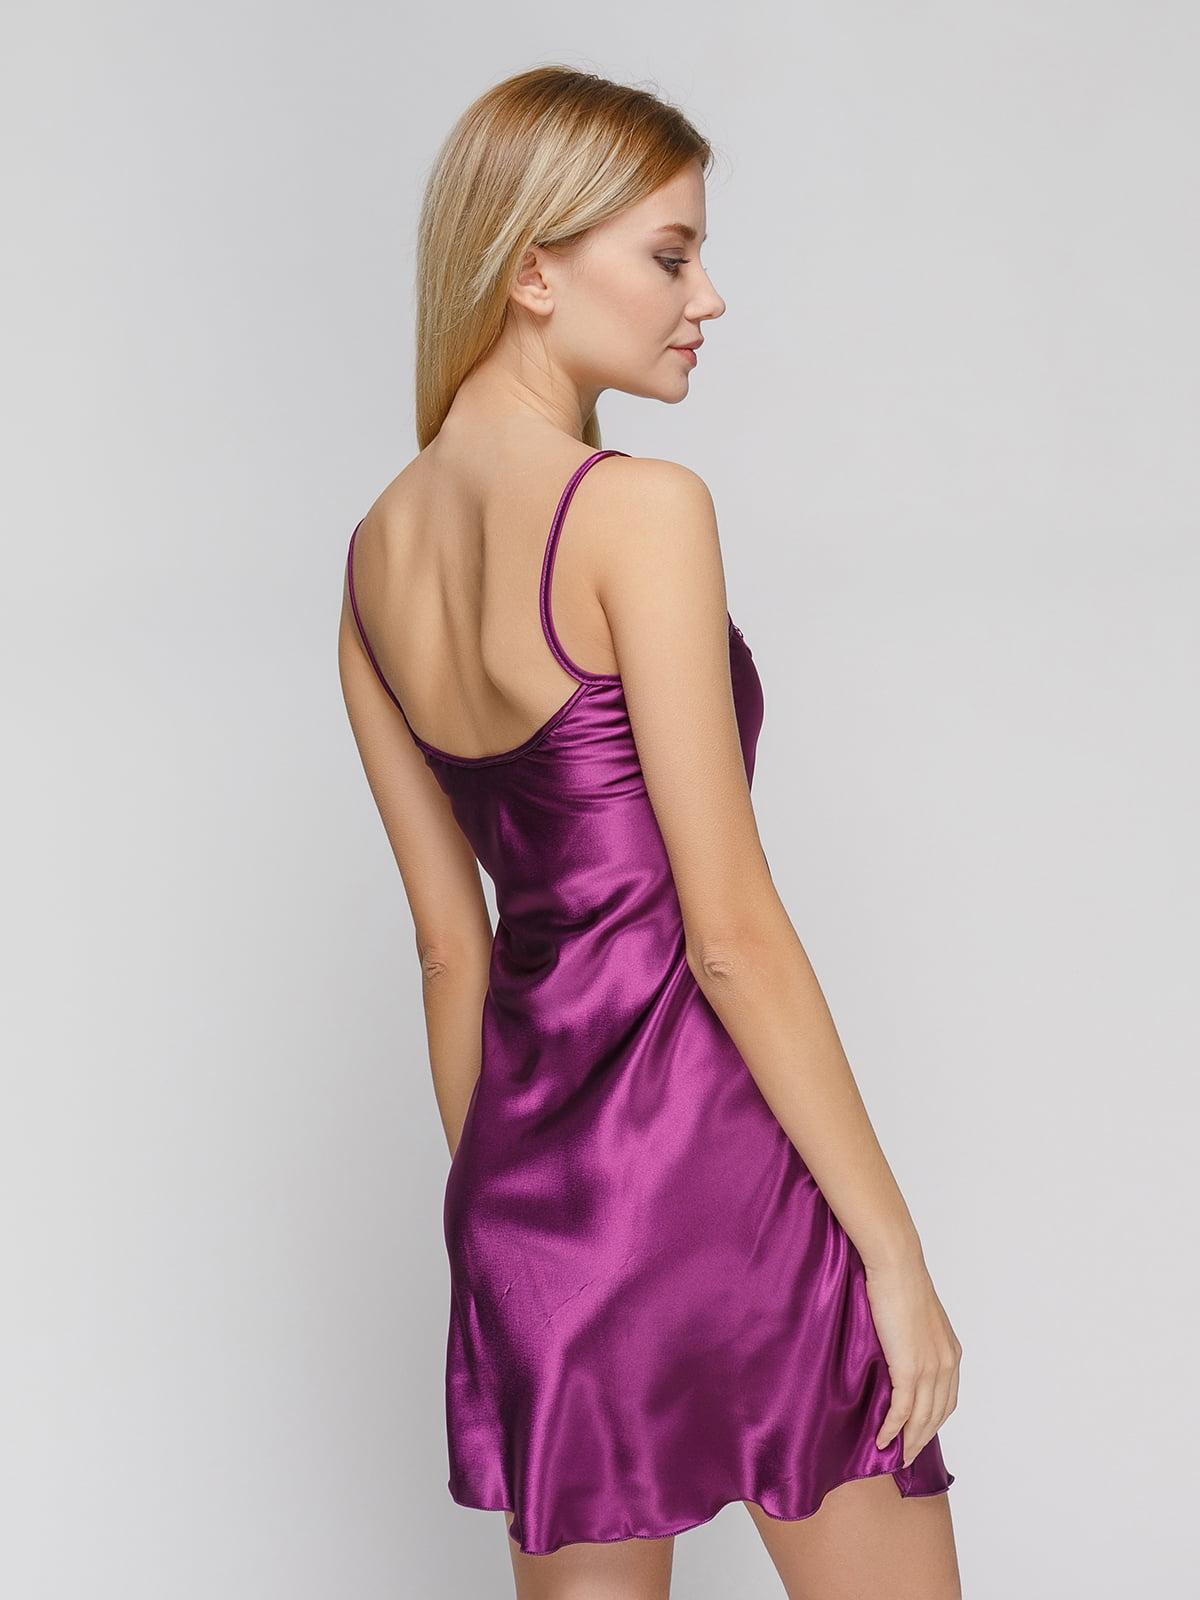 Рубашка ночная фиолетовая | 3505212 | фото 2